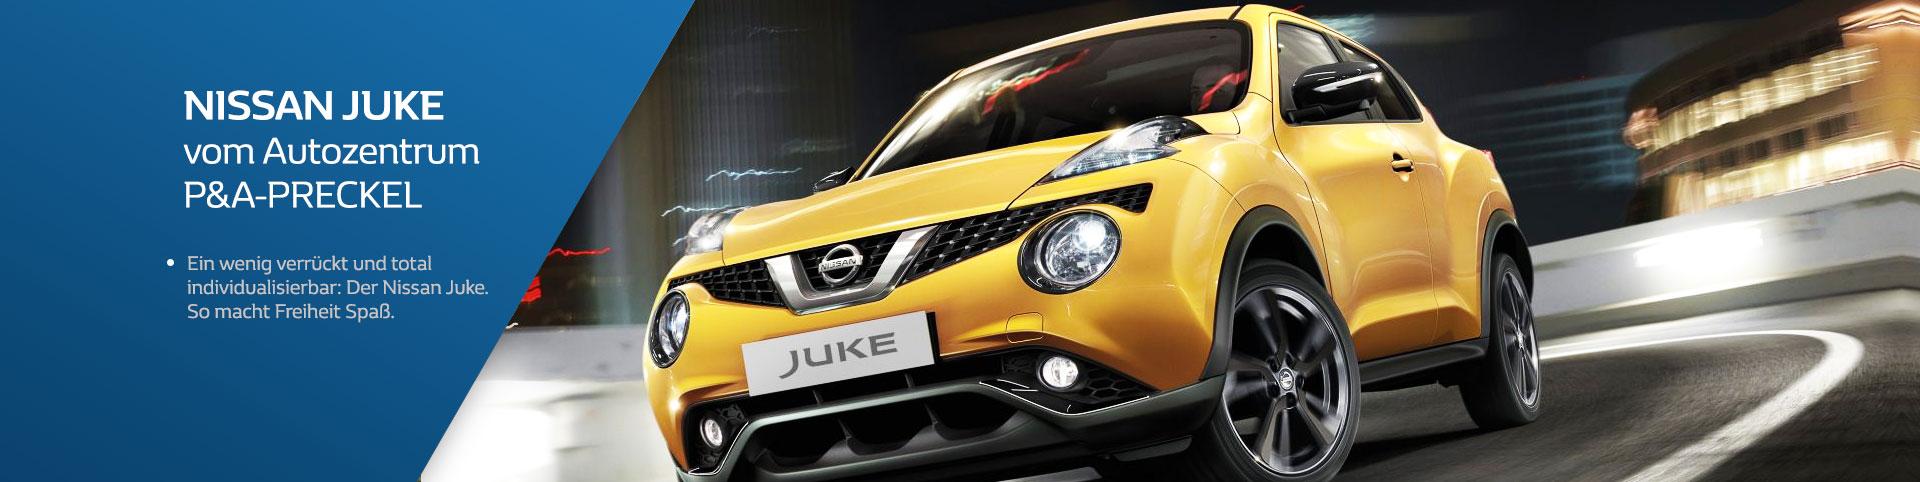 Nissan Juke vom Autozentrum P&A-Preckel